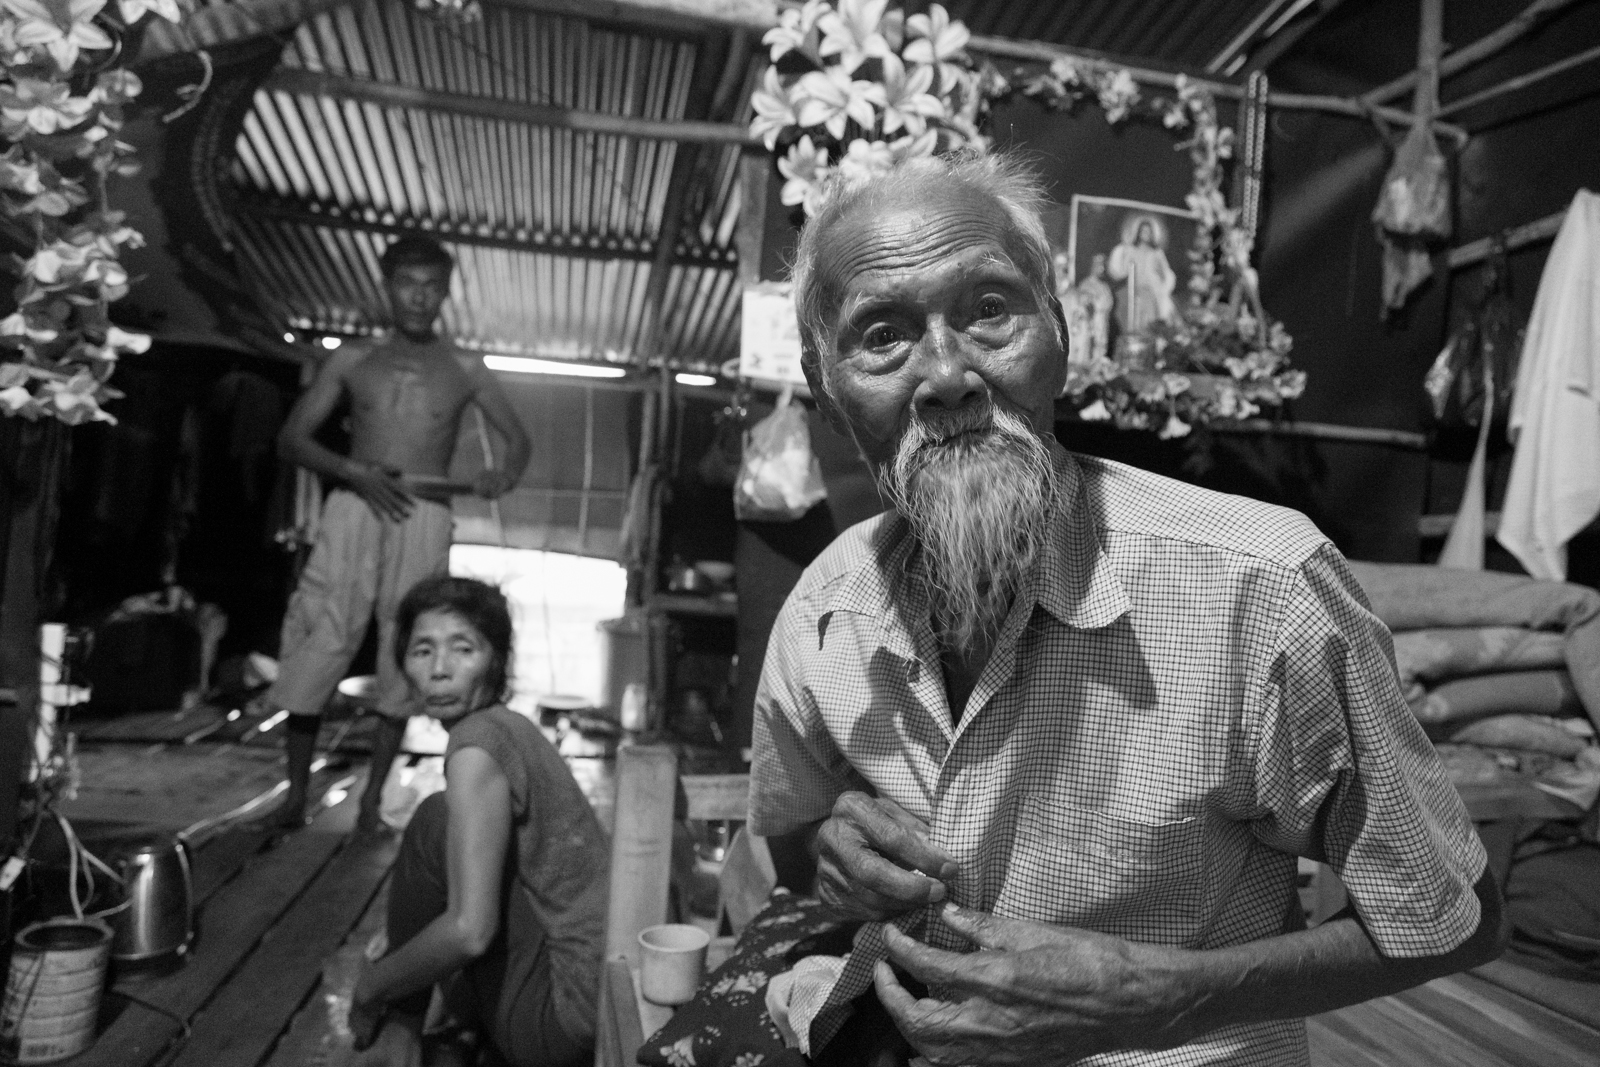 Cụ Diện 90 tuổi, vừa thấy phóng viên cụ liền mặc áo vào để trò chuyện. Cụ bảo mong ước của mình là được chính quyền cấp quốc tịch Việt Nam để tự tin sống những ngày cuối đời tại cố hương